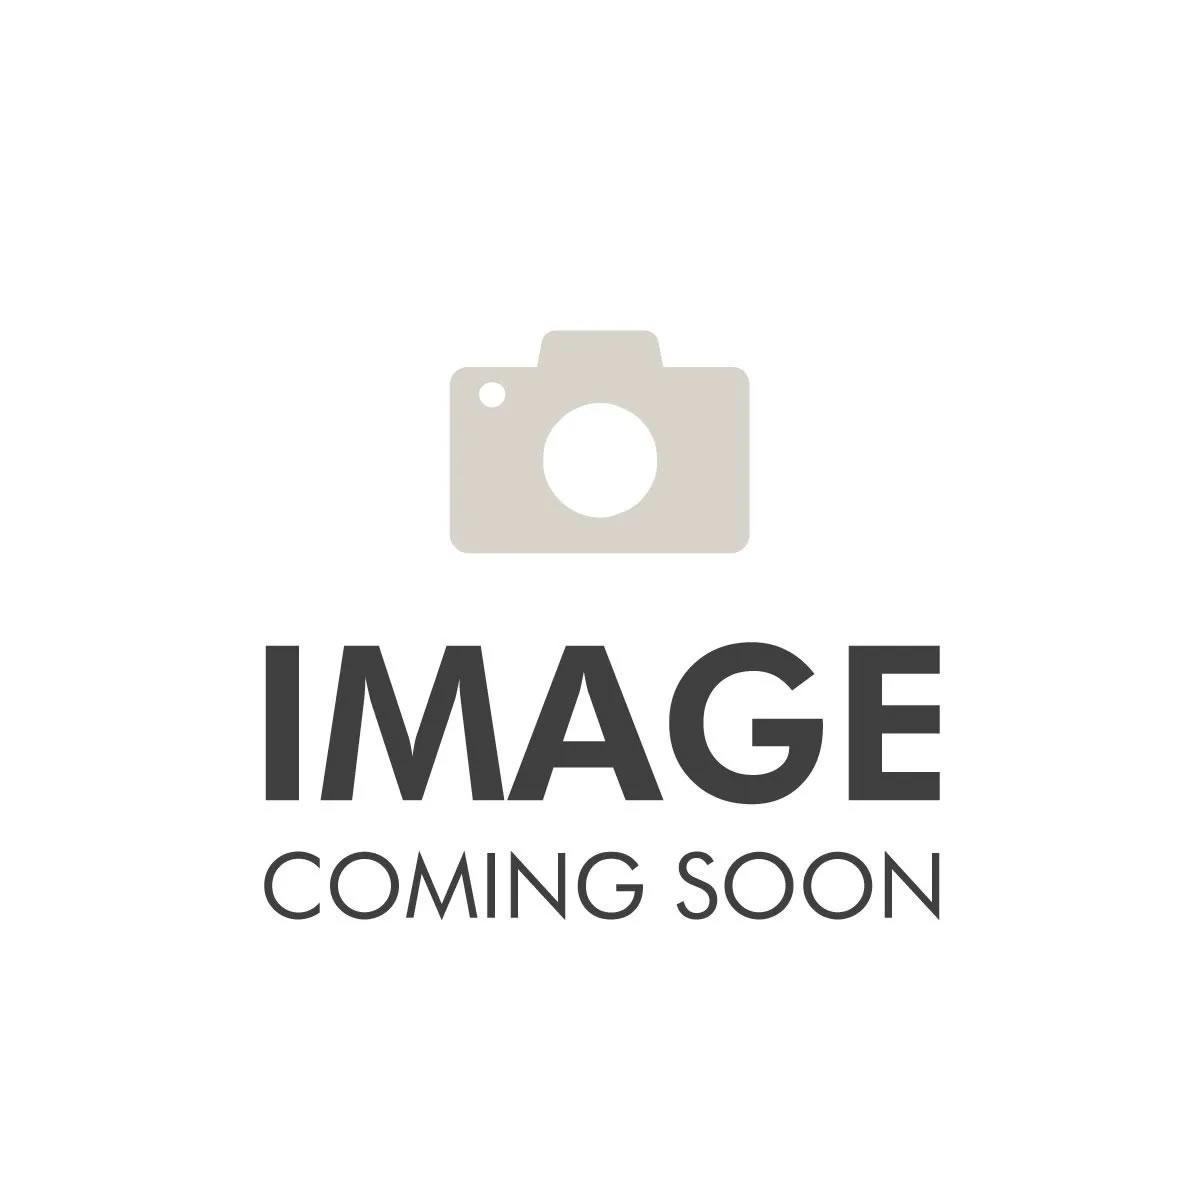 Neoprene Rear Seat Covers 80-95 Jeep CJ/Wrangler